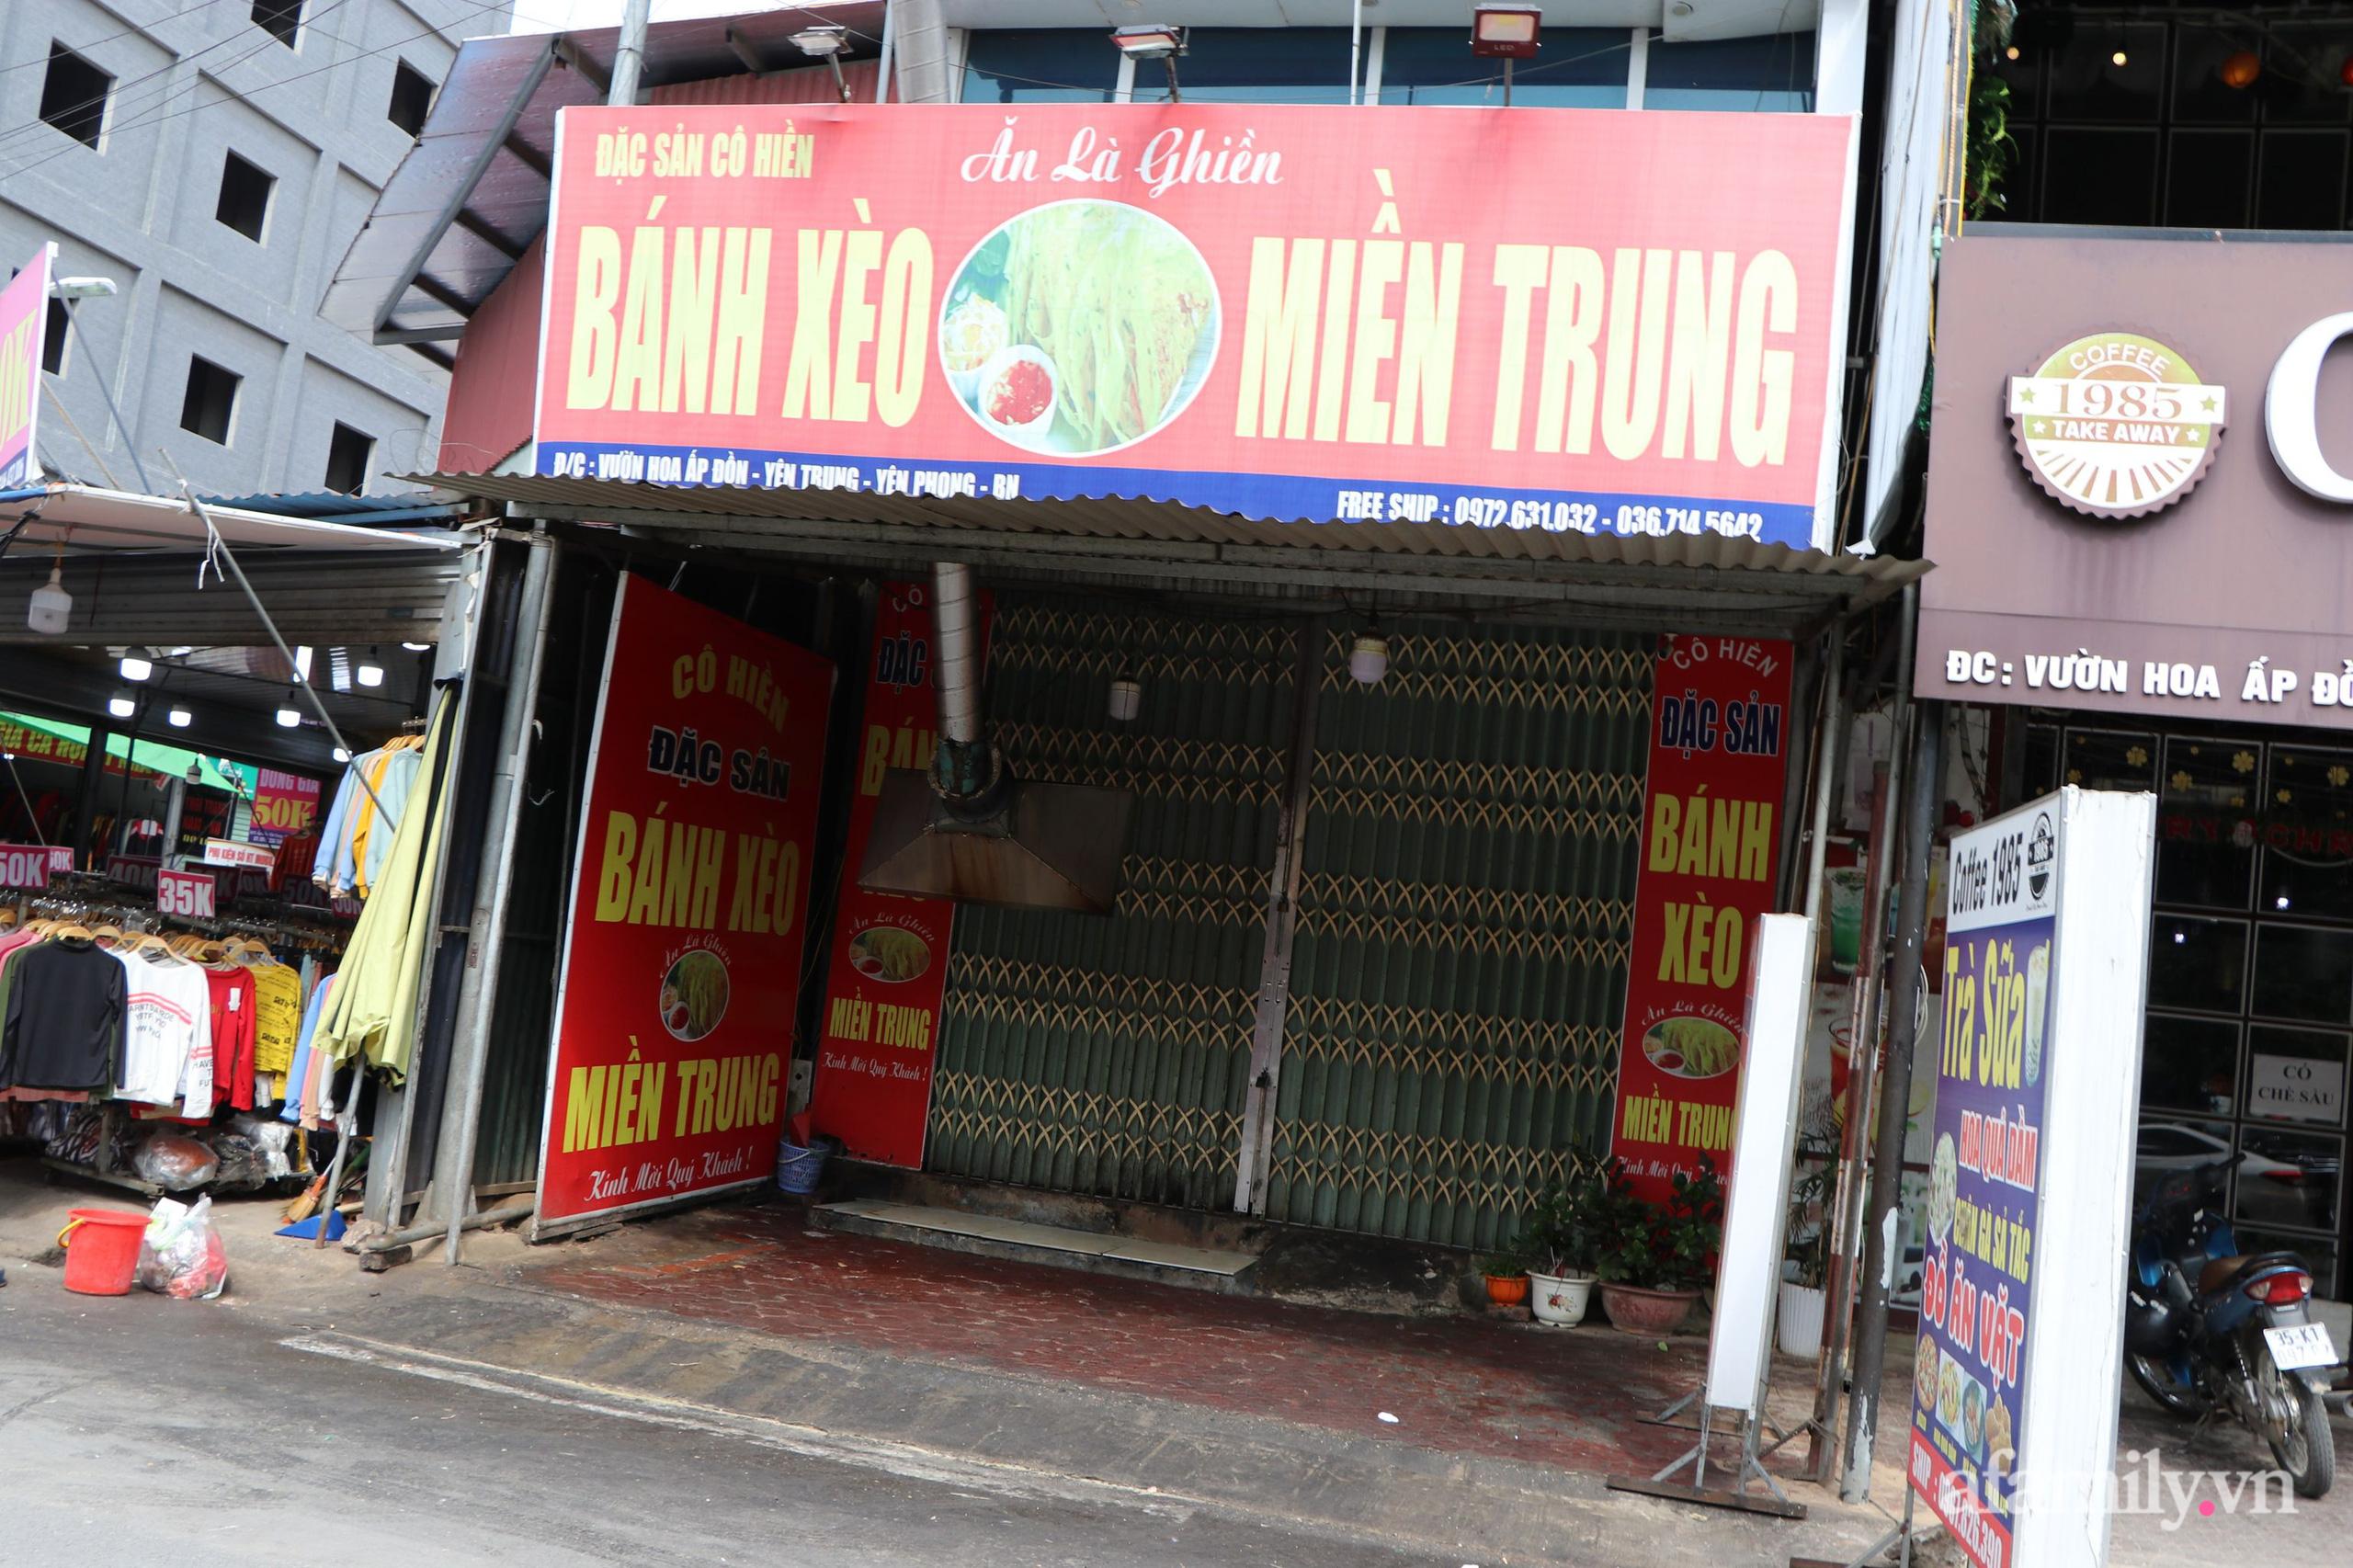 Xót xa hoàn cảnh của cậu bé bị nữ chủ quán bánh xèo hành hạ dã man ở Bắc Ninh: Mẹ mất sớm, bố bị bệnh tâm thần không người chăm sóc - Ảnh 1.